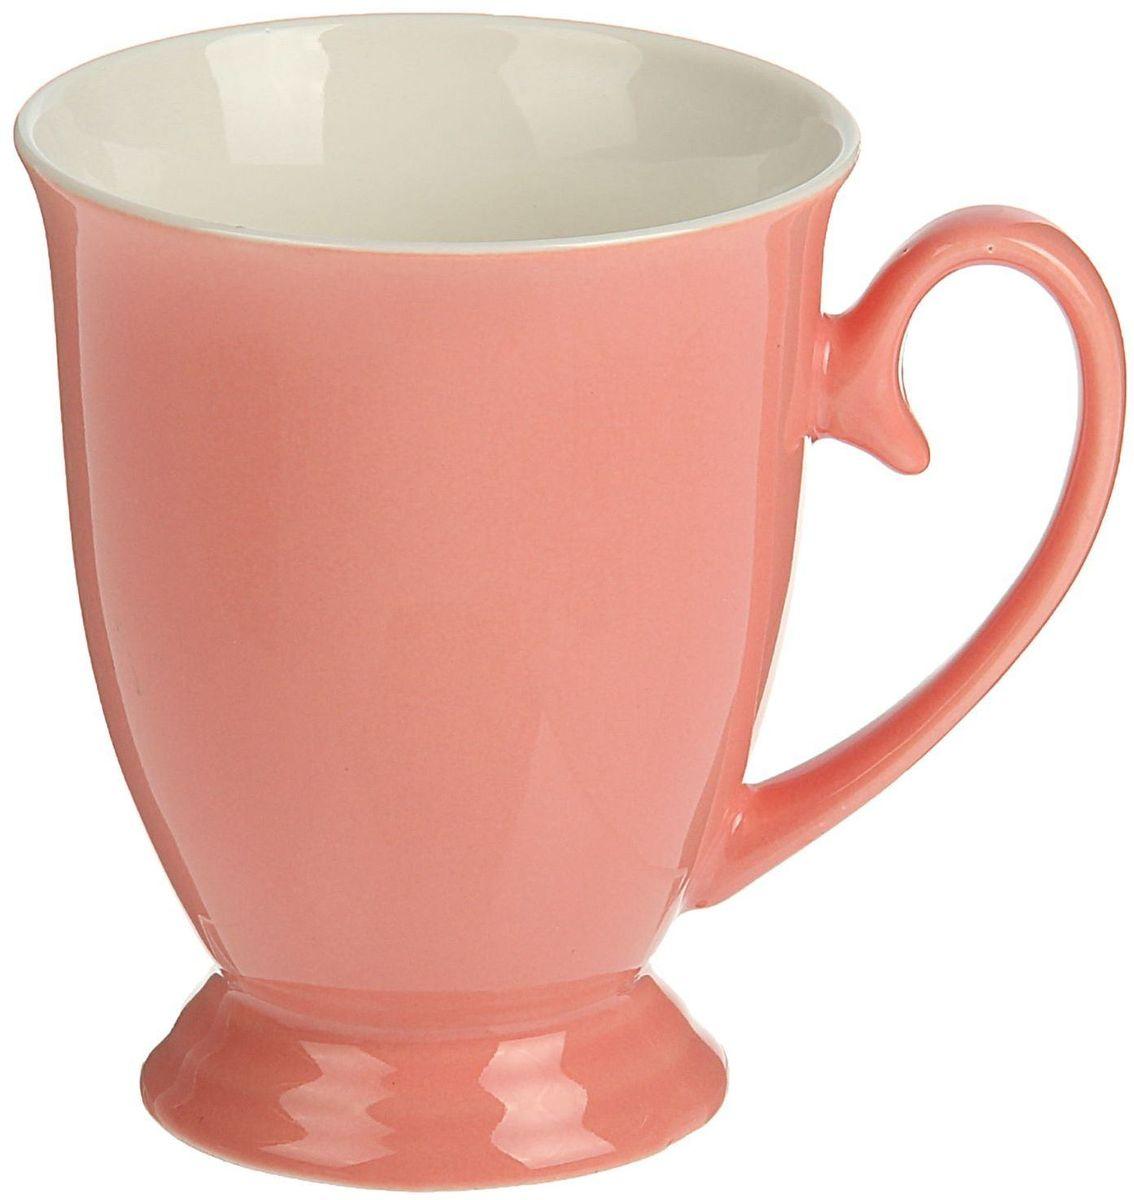 Кружка Доляна Венеция, цвет: розовый, 300 мл54 009312Кружка Доляна Венеция изготовлена из керамики. Кружка станет отличным подарком для родных и близких. Это любимый аксессуар на долгие годы. Относитесь к изделию бережно, и оно будет дарить прекрасное настроение каждый день.